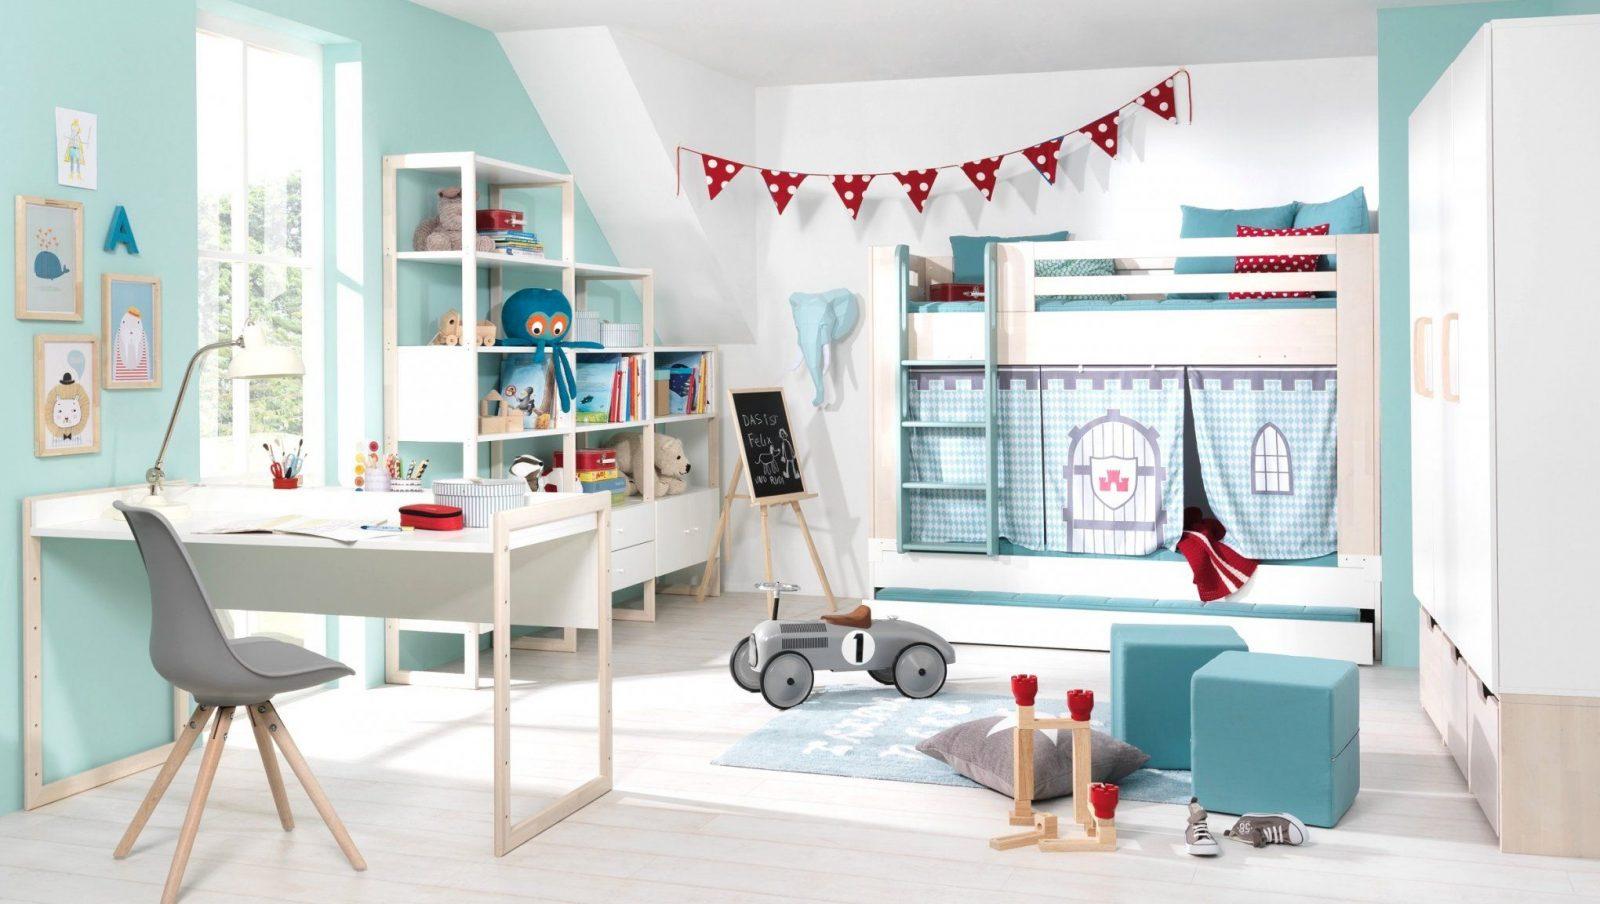 Deko Ideen Für Kinderzimmer Einzigartig Phantasievolle Inspiration von Kinderzimmer Deko Ideen Jungen Bild